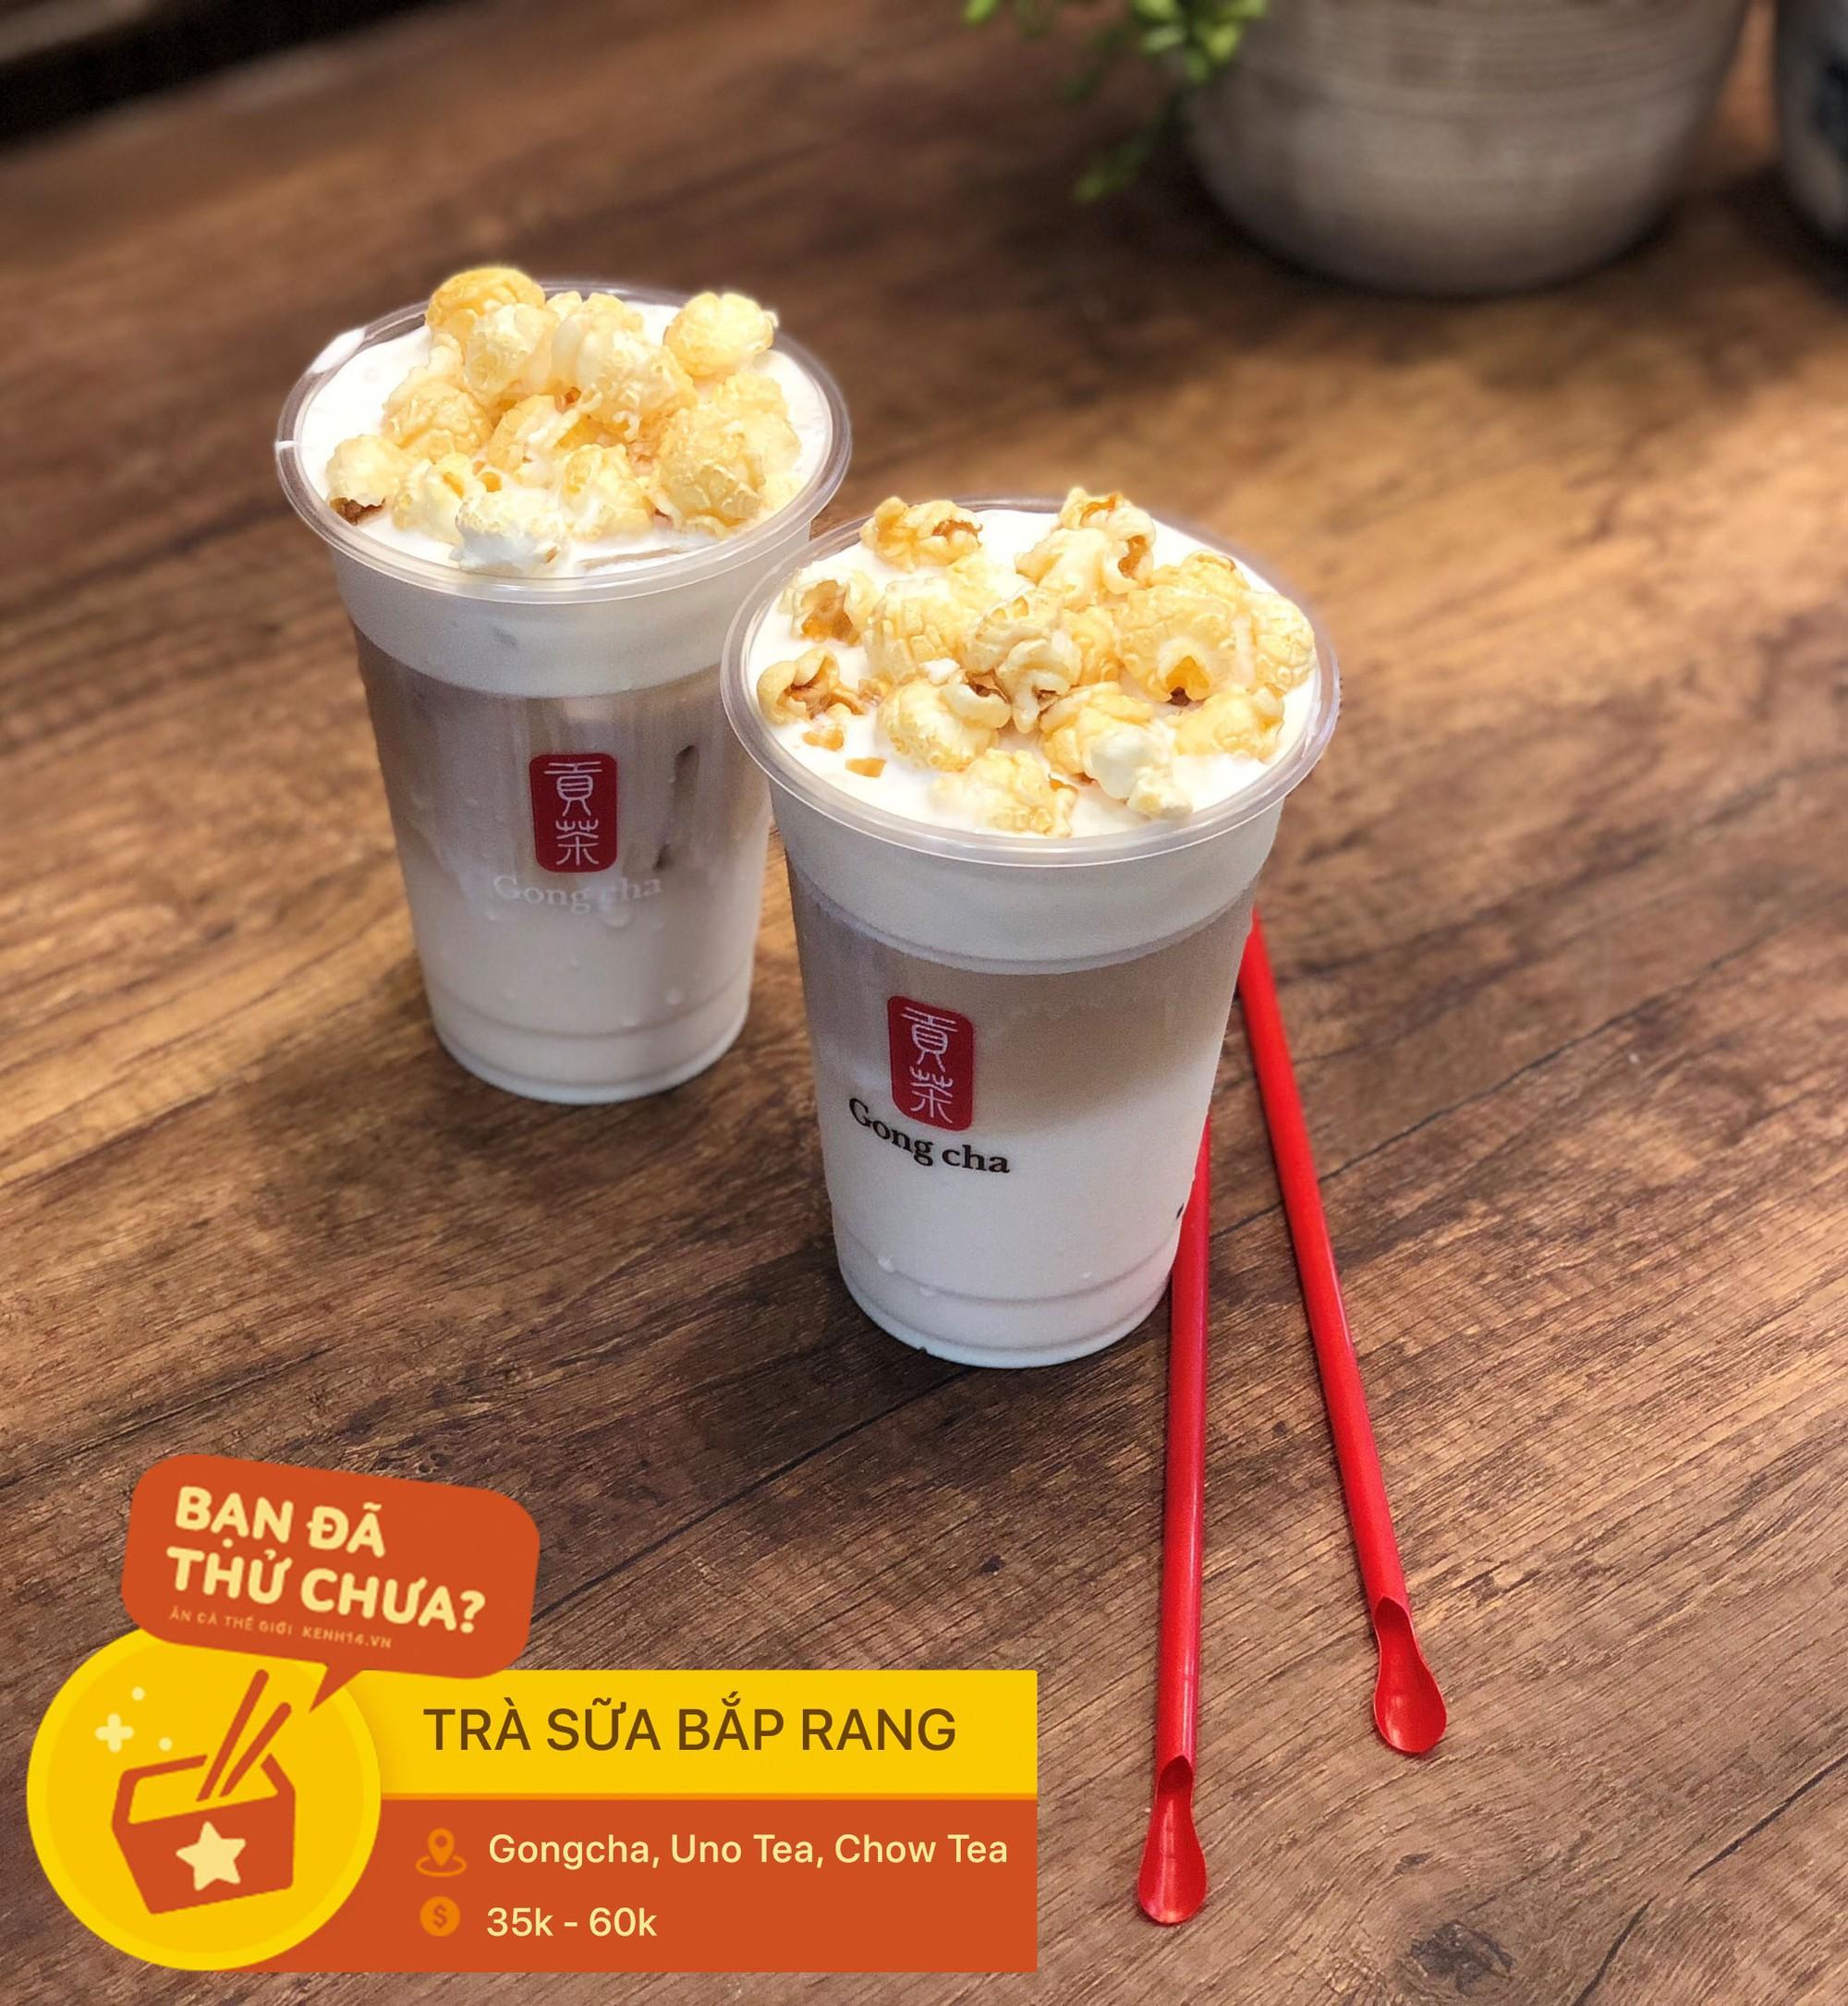 Sài Gòn có những thứ đồ uống từ sữa phủ topping chất chồng chất đống trên mặt cốc khiến ai cũng phải thích thú - Ảnh 5.